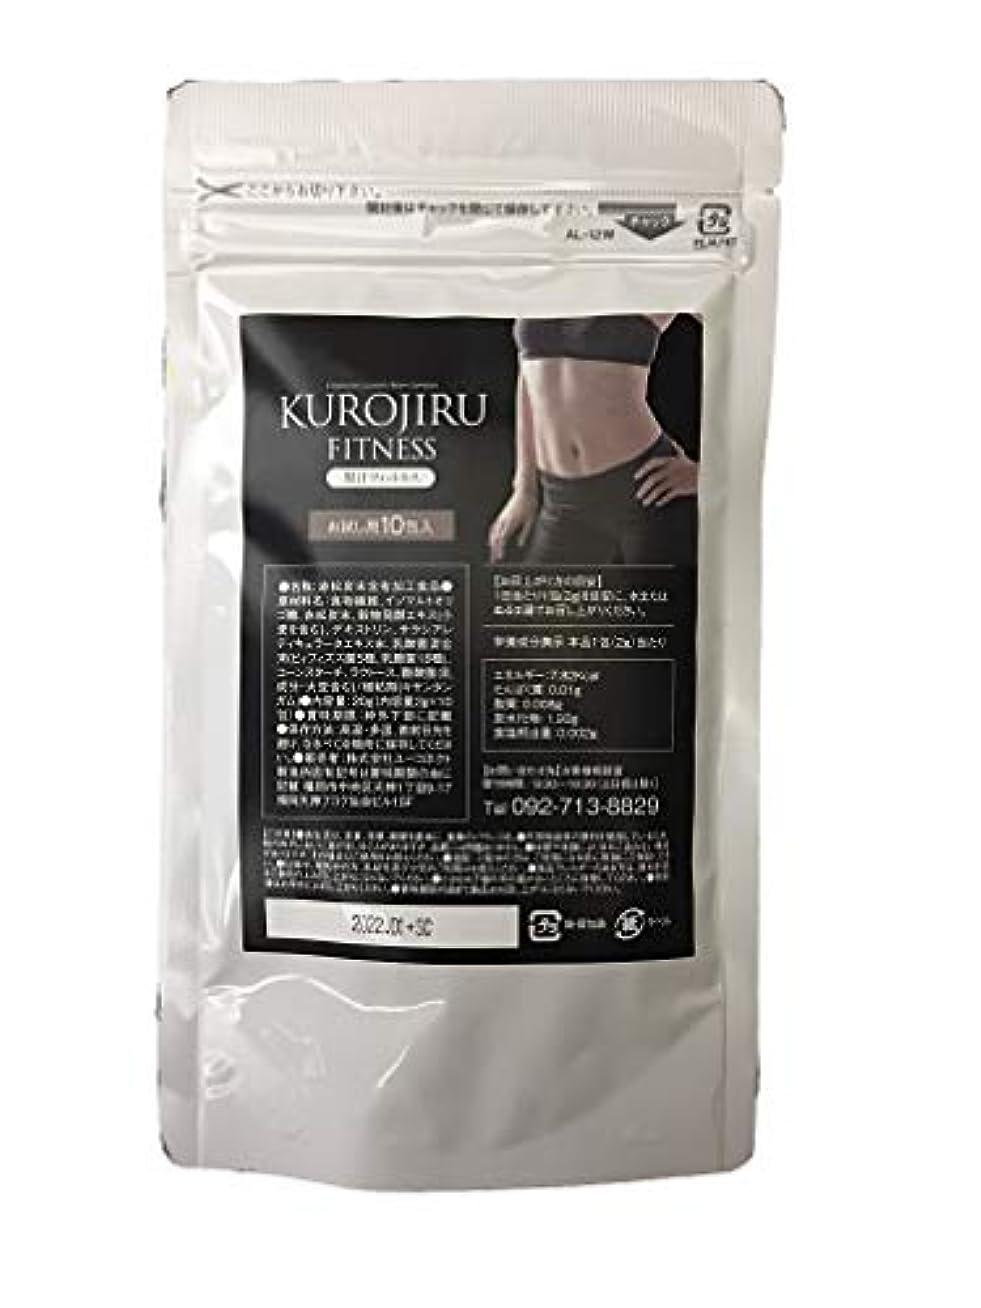 縁石なぜグロー黒汁フィットネス(KUROJIRU FITNESS) 10包 チャコールクレンズ 赤松活性炭 オリゴ糖 サラシアエキス 酵素